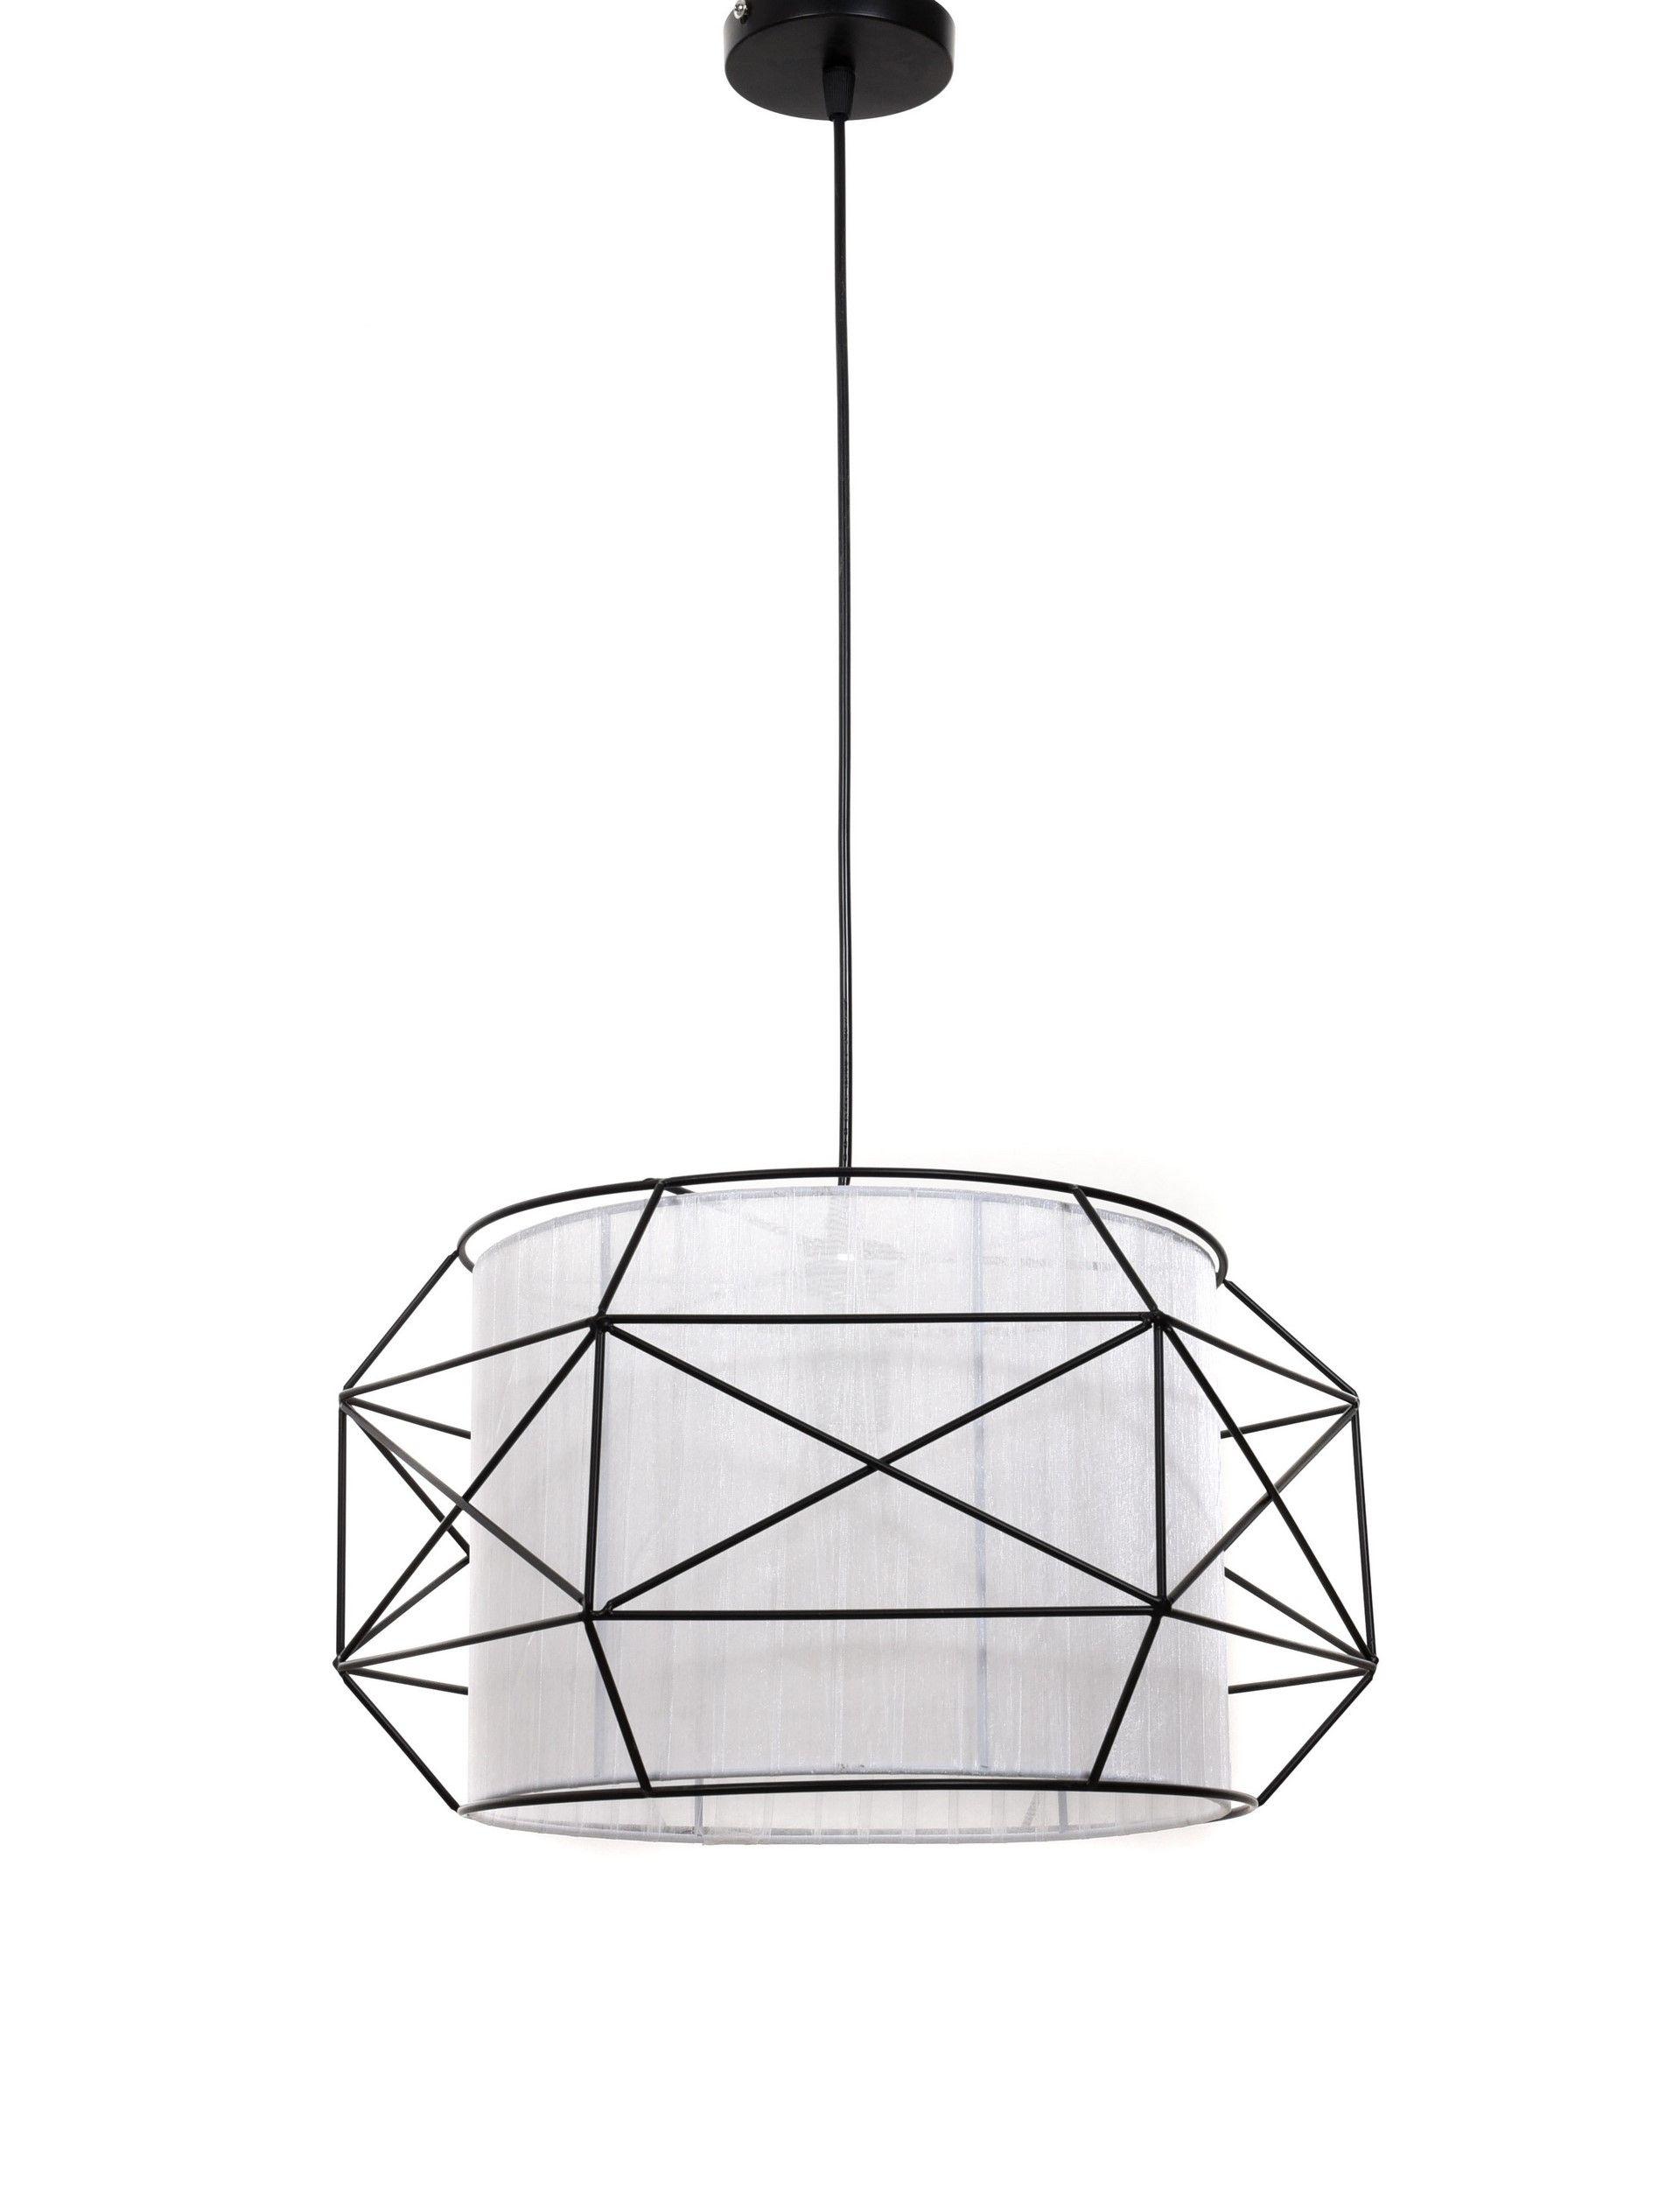 Подвесной светильник Lumina Deco Berti LDP 8001 BK+WT, 1xE27x40W, черный, белый, черно-белый, металл, текстиль - фото 2